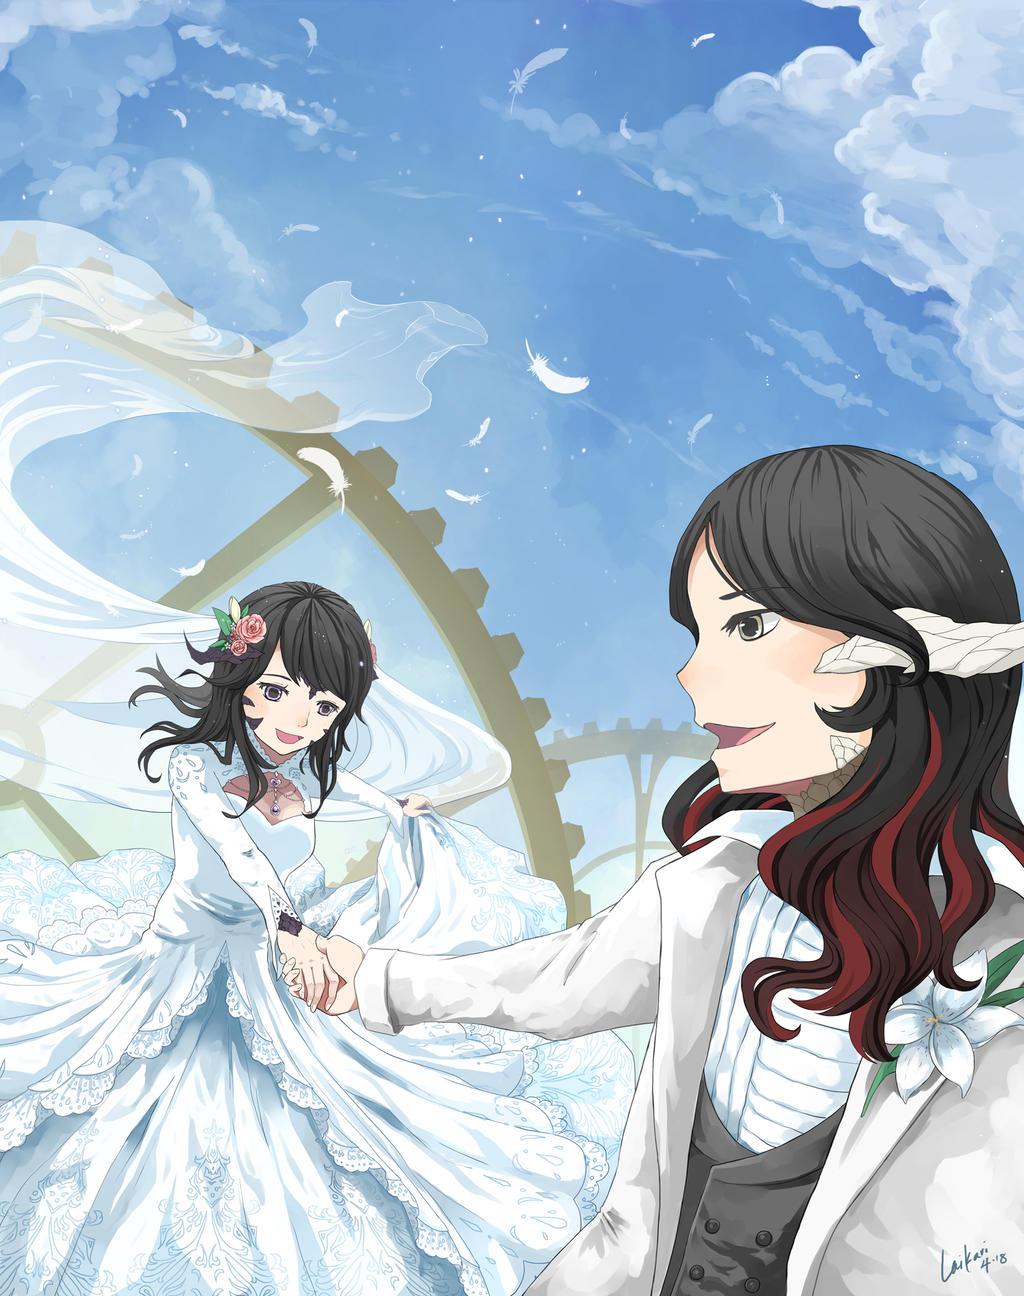 Eternal Devotion by Laikari